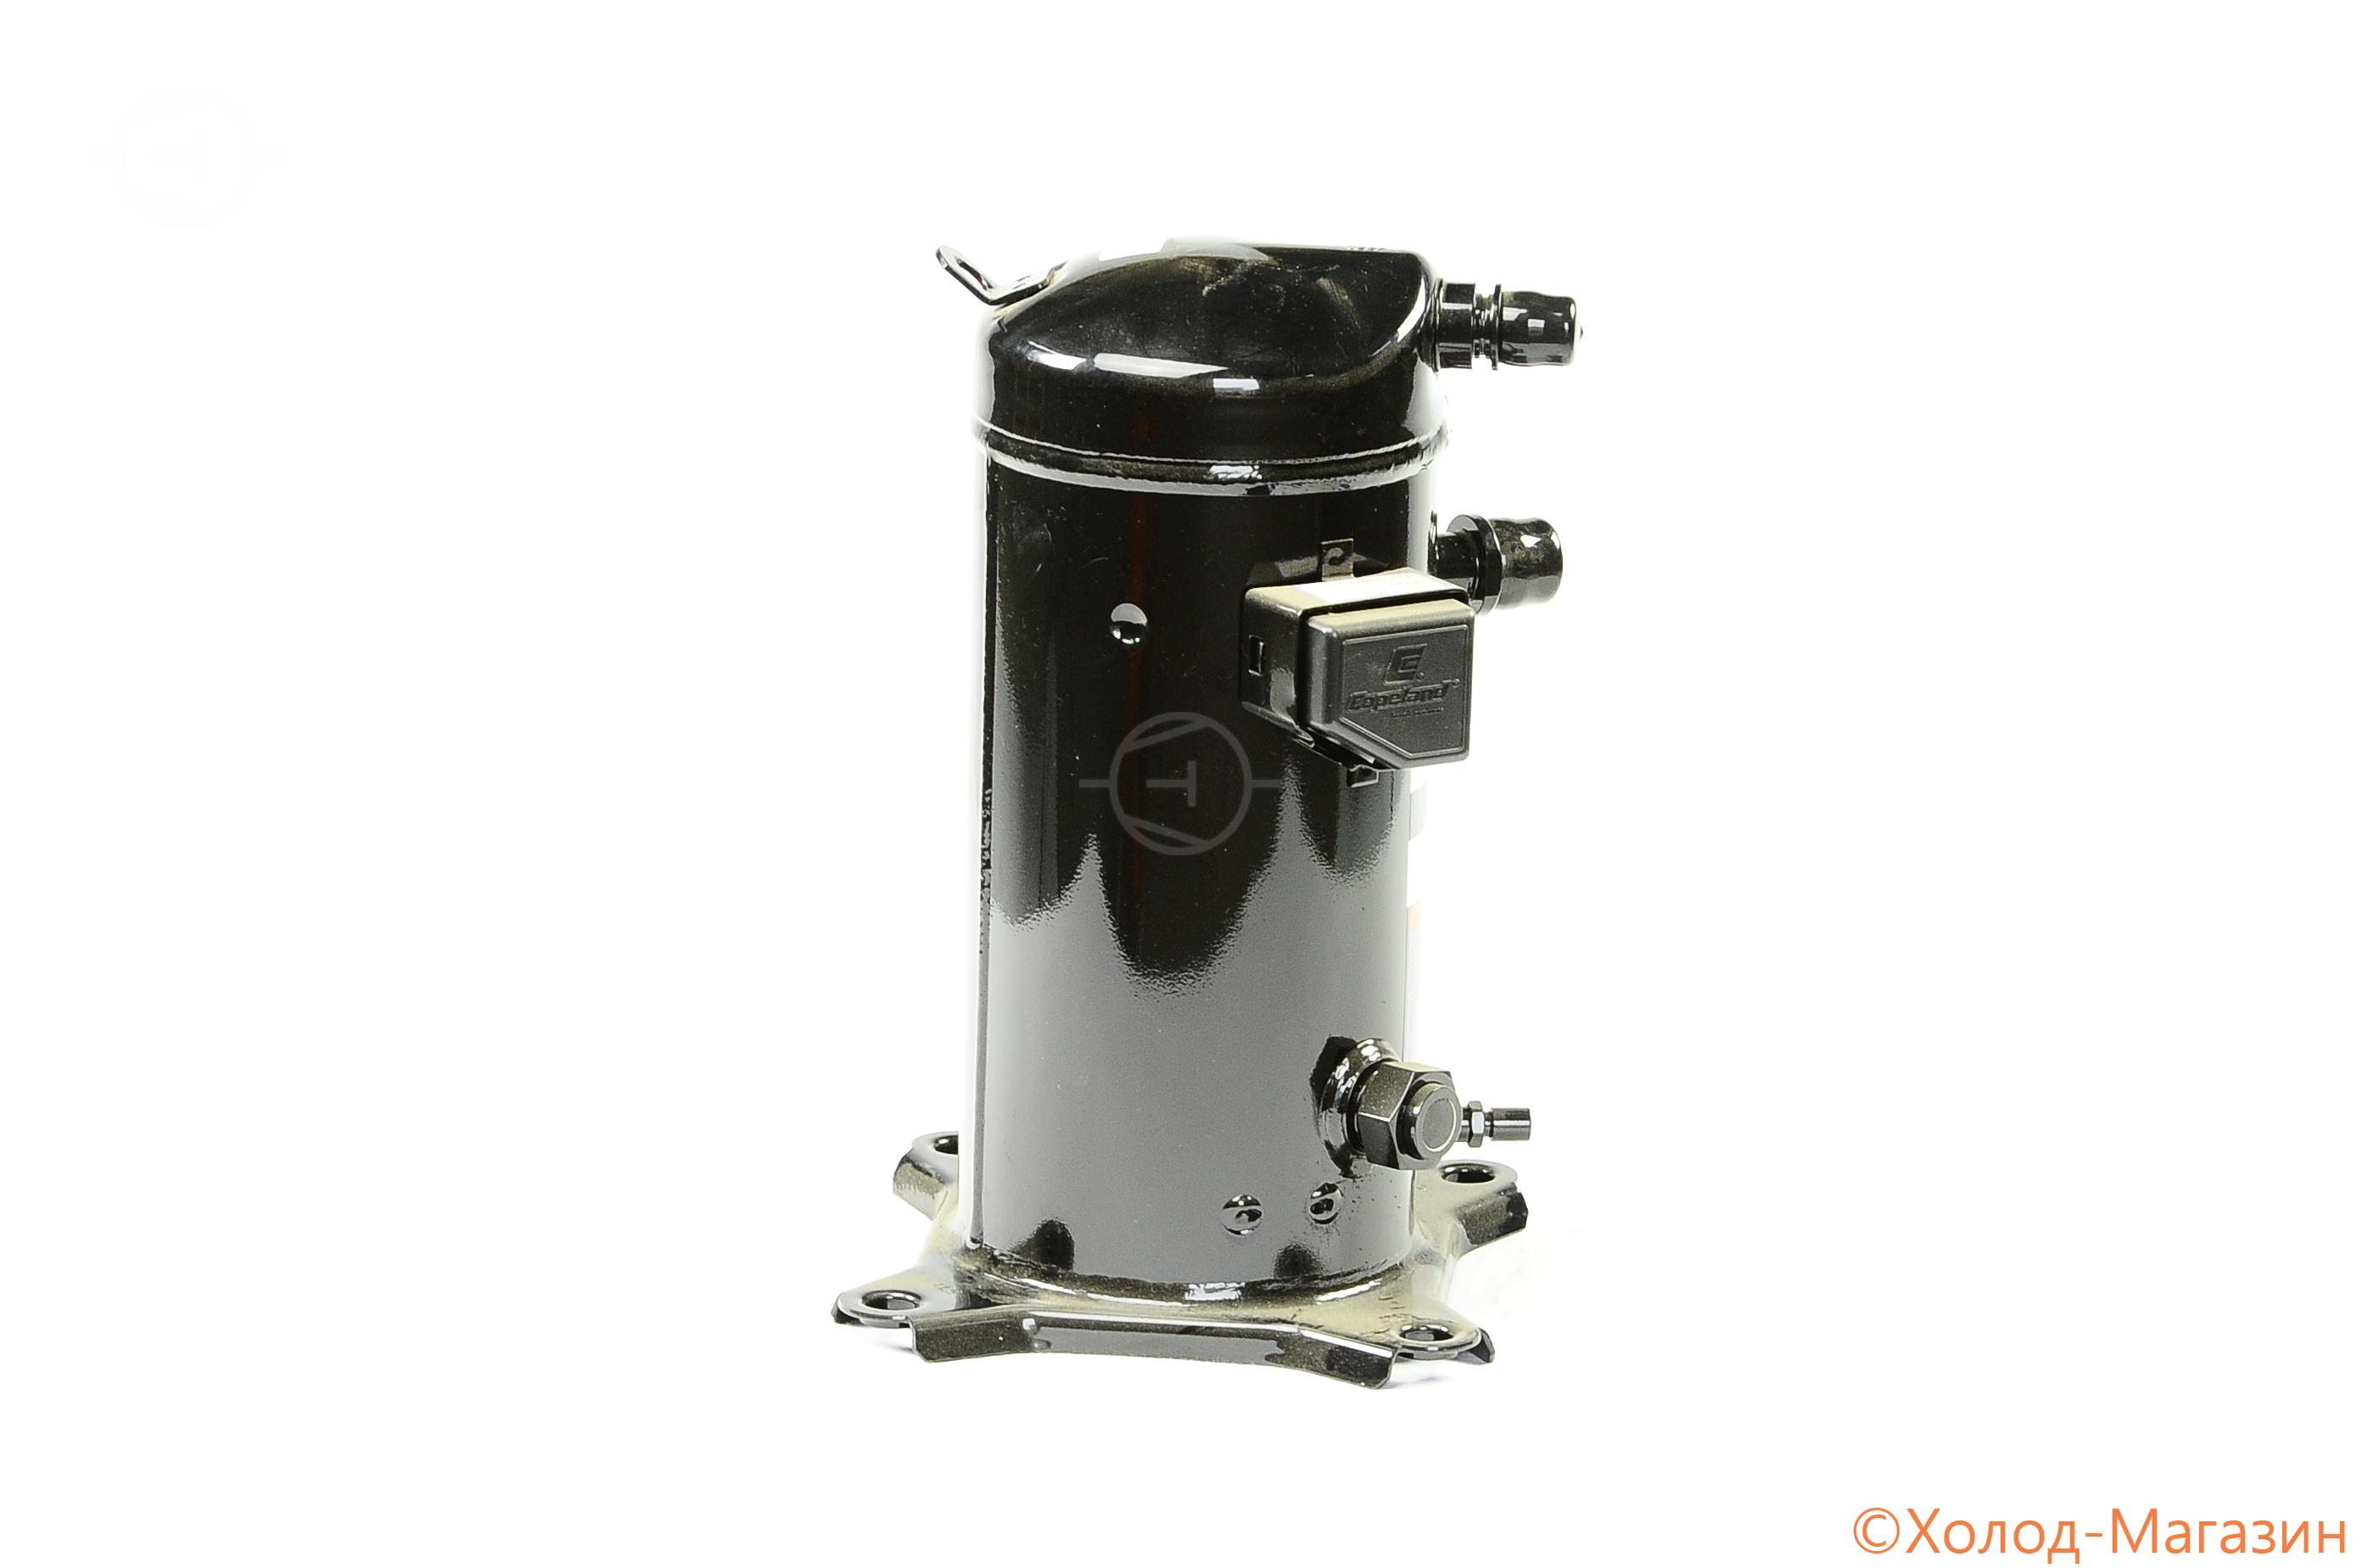 Компрессор спиральный ZB 19 KCE-TFD-551 Copeland, Emerson